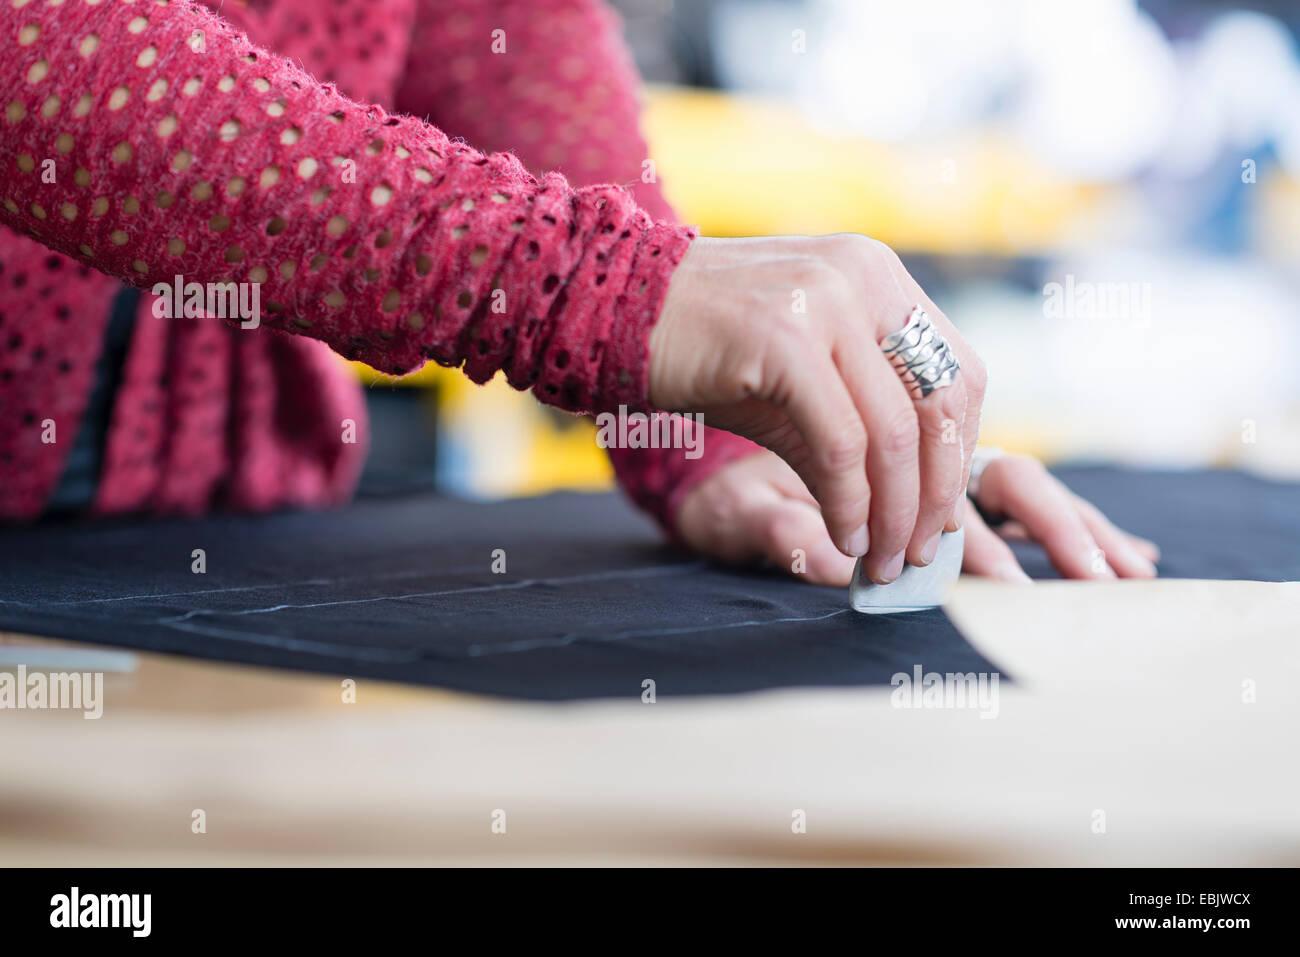 Le mani di matura sarta lo sfarinamento delineano su prodotti tessili sul tavolo di lavoro Immagini Stock